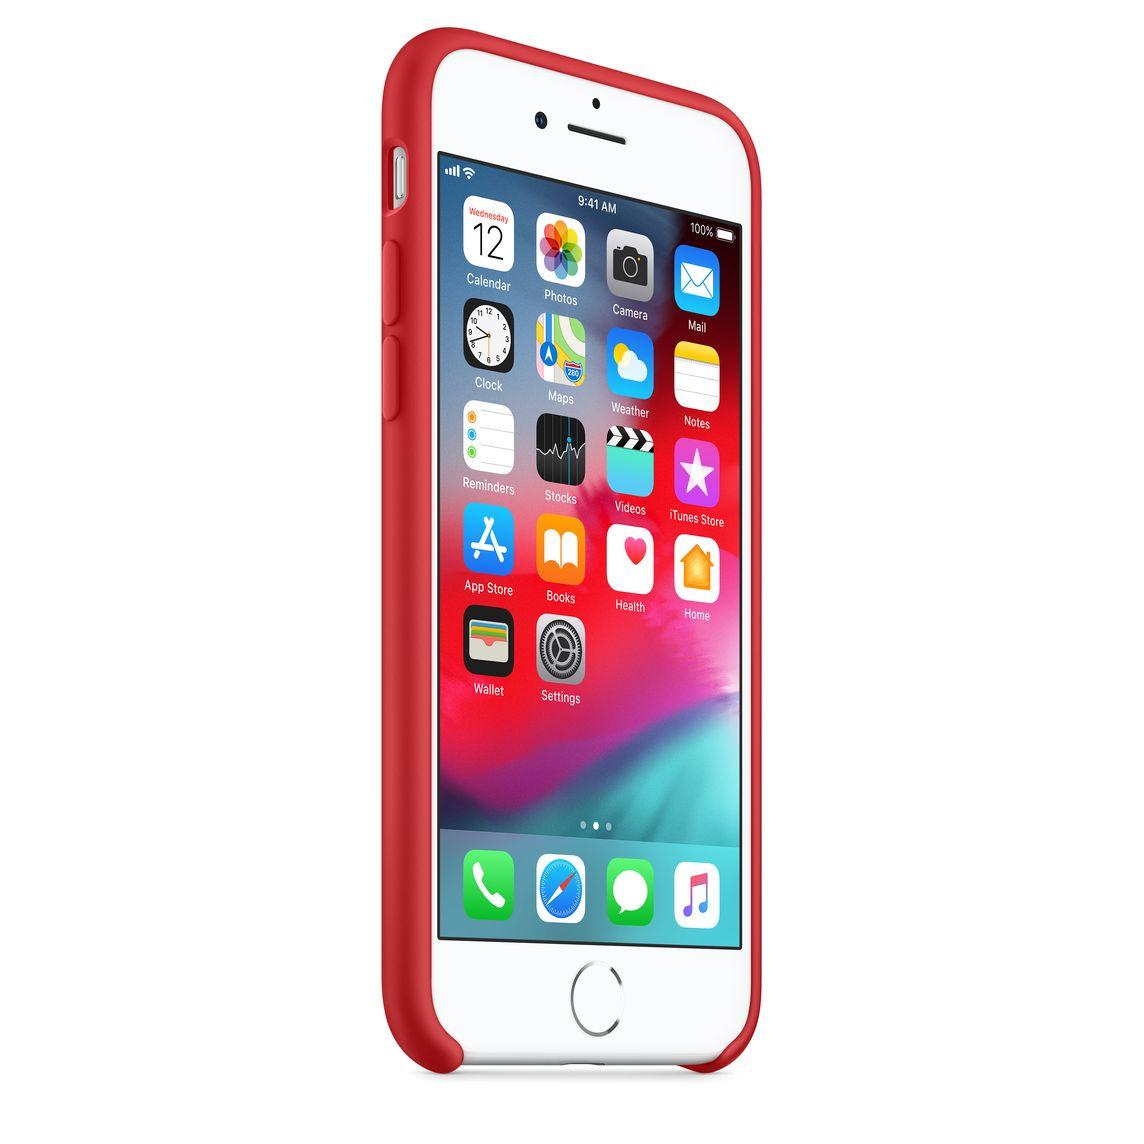 IPHONE 8 PLUS PRICE PHILIPPINES OLX - Apple iPhone 8 Plus